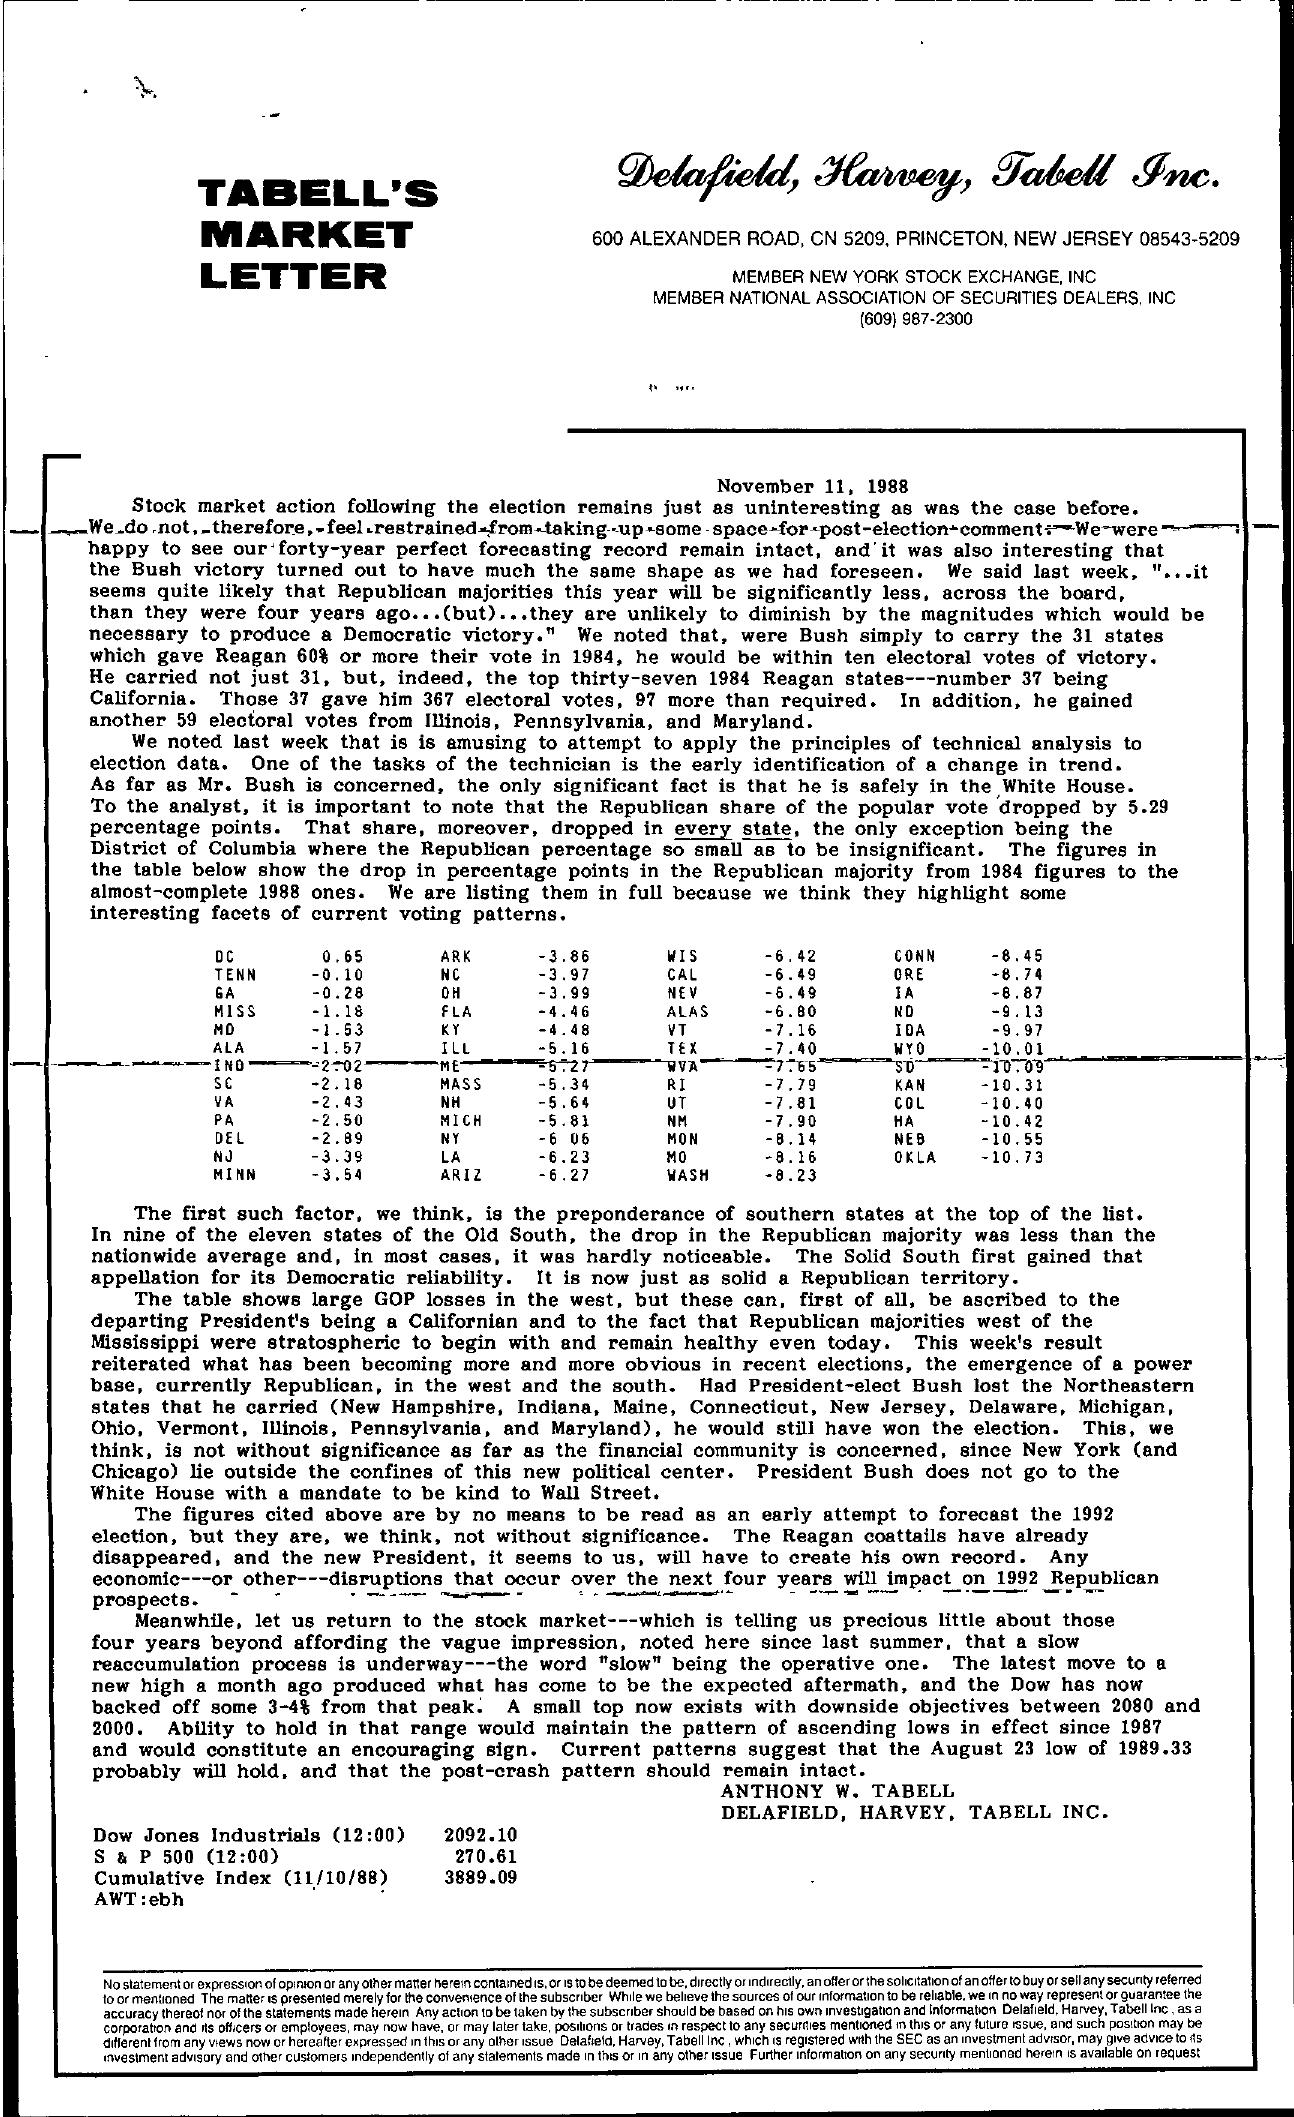 Tabell's Market Letter - November 11, 1988